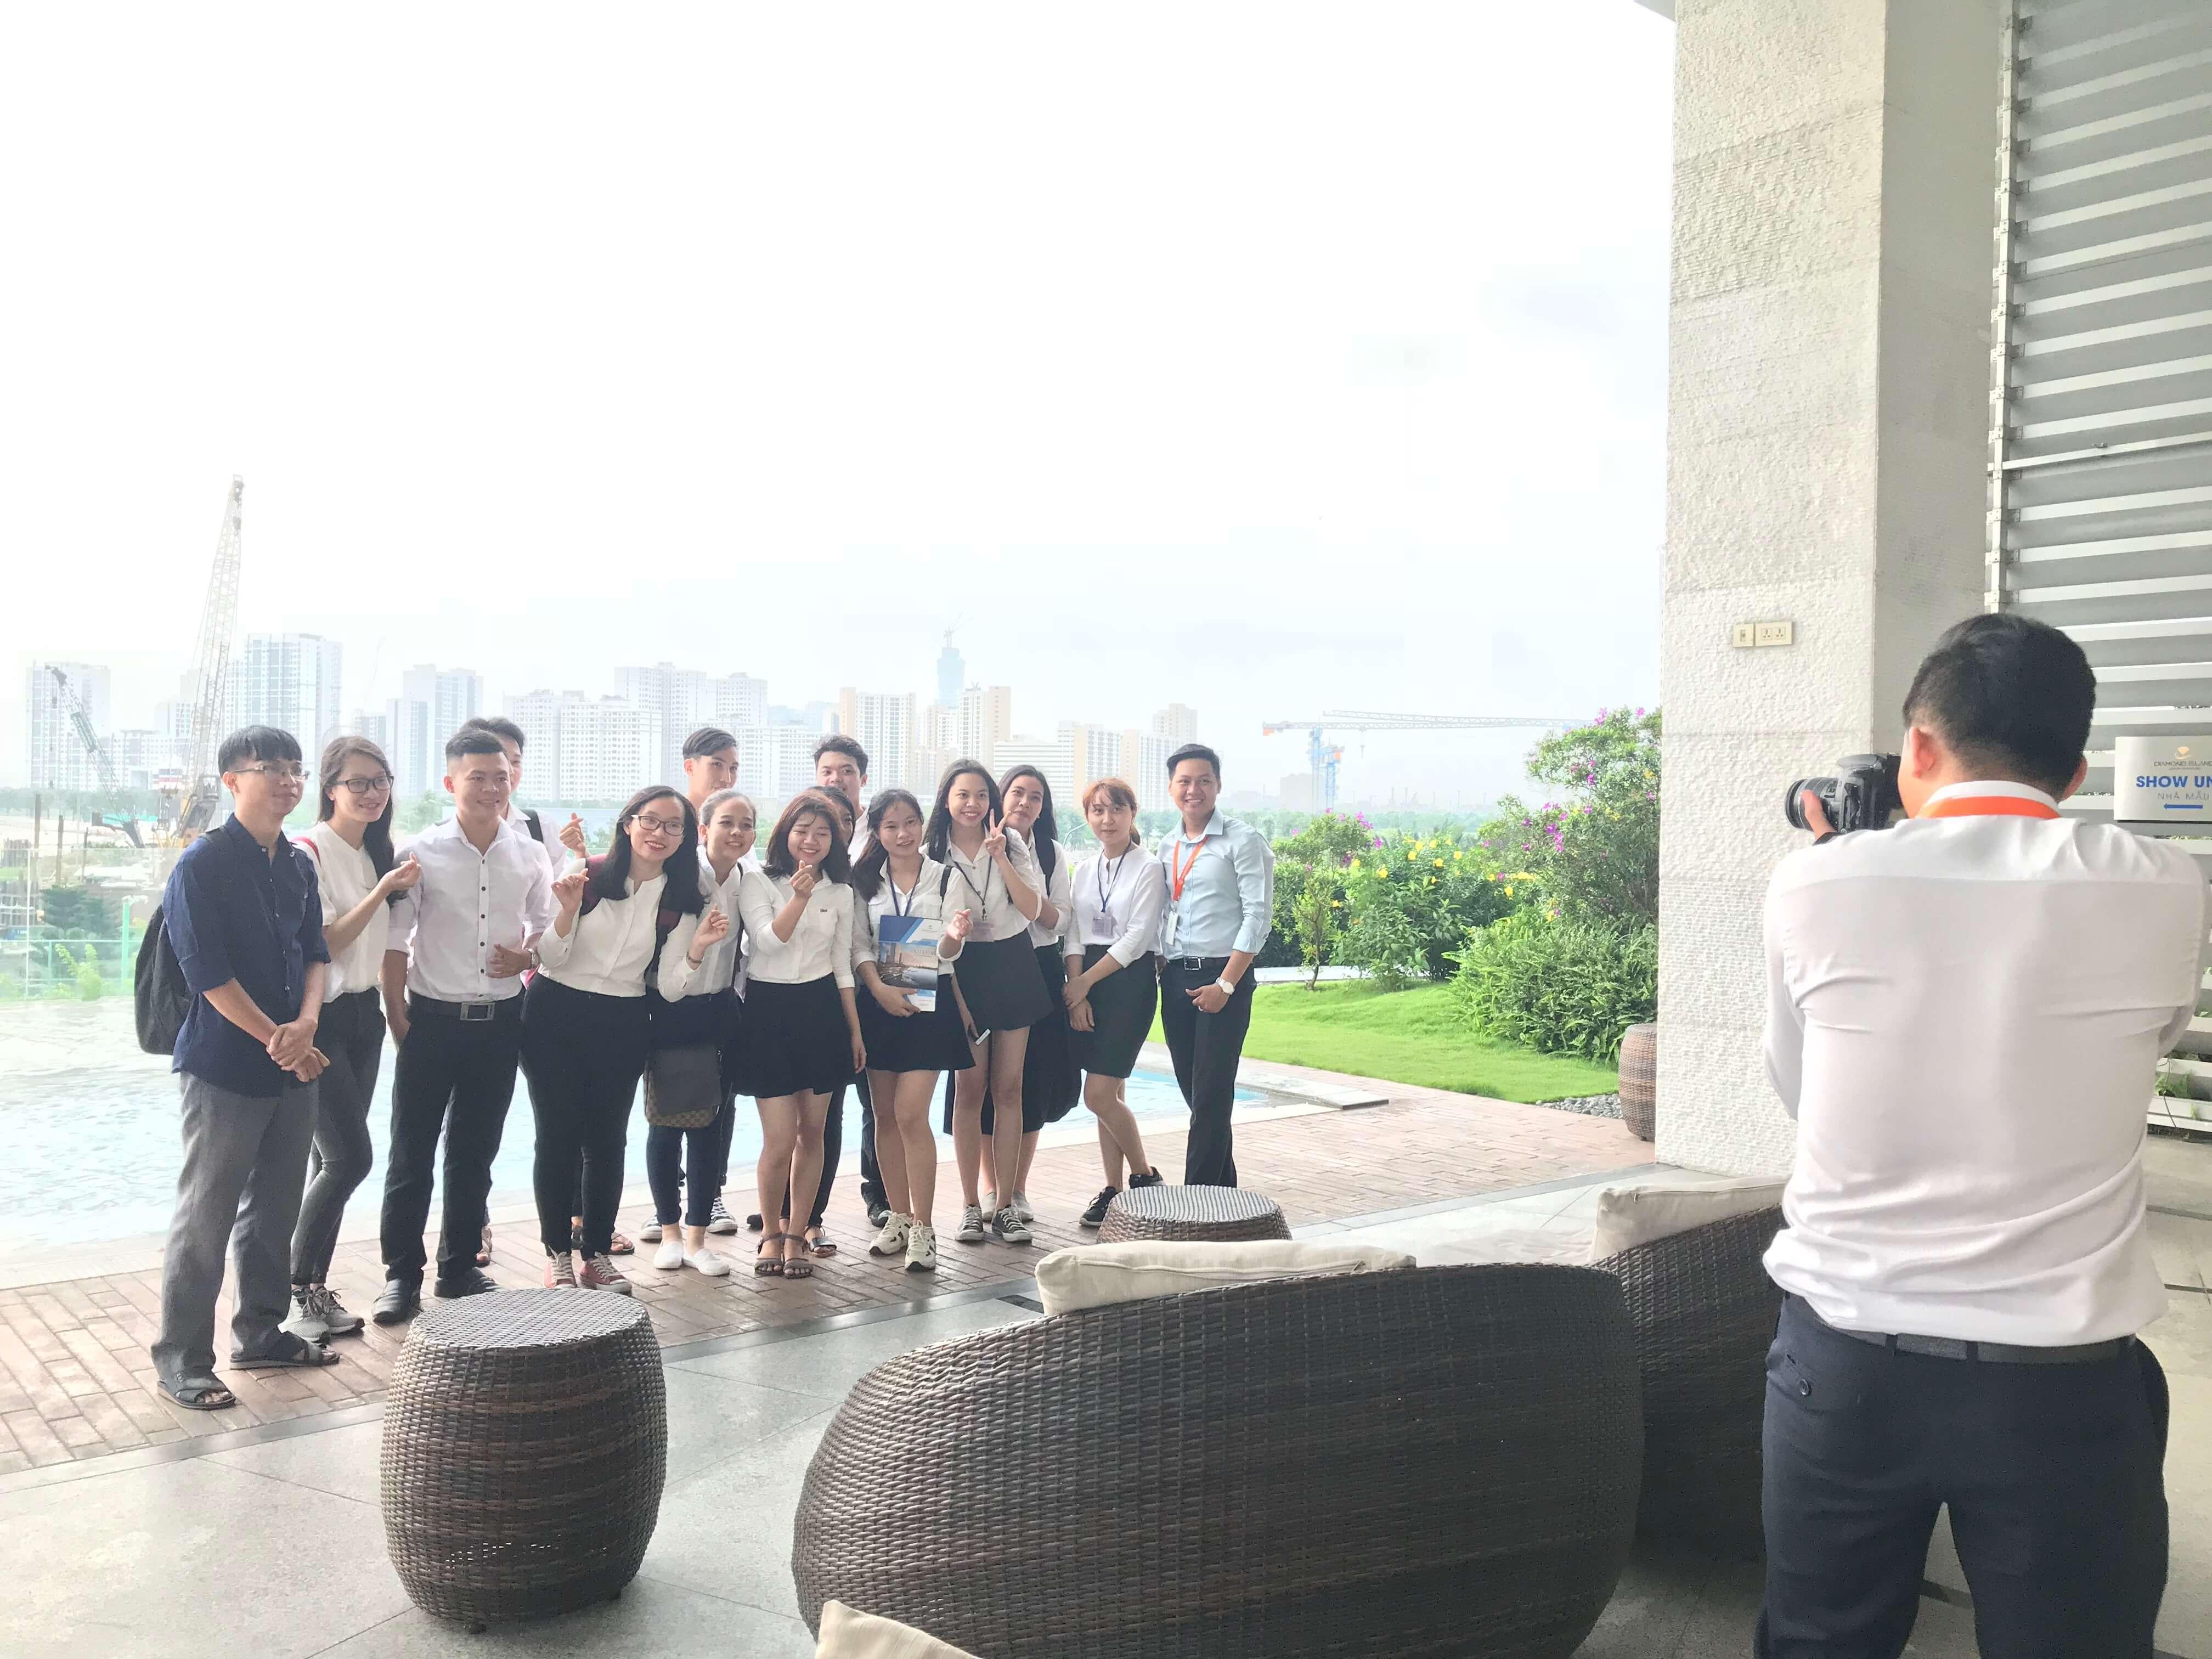 IMG 6701 - Hỗ trợ sinh viên KTH Bất Động Sản (UEH) tham quan dự án Diamond Island